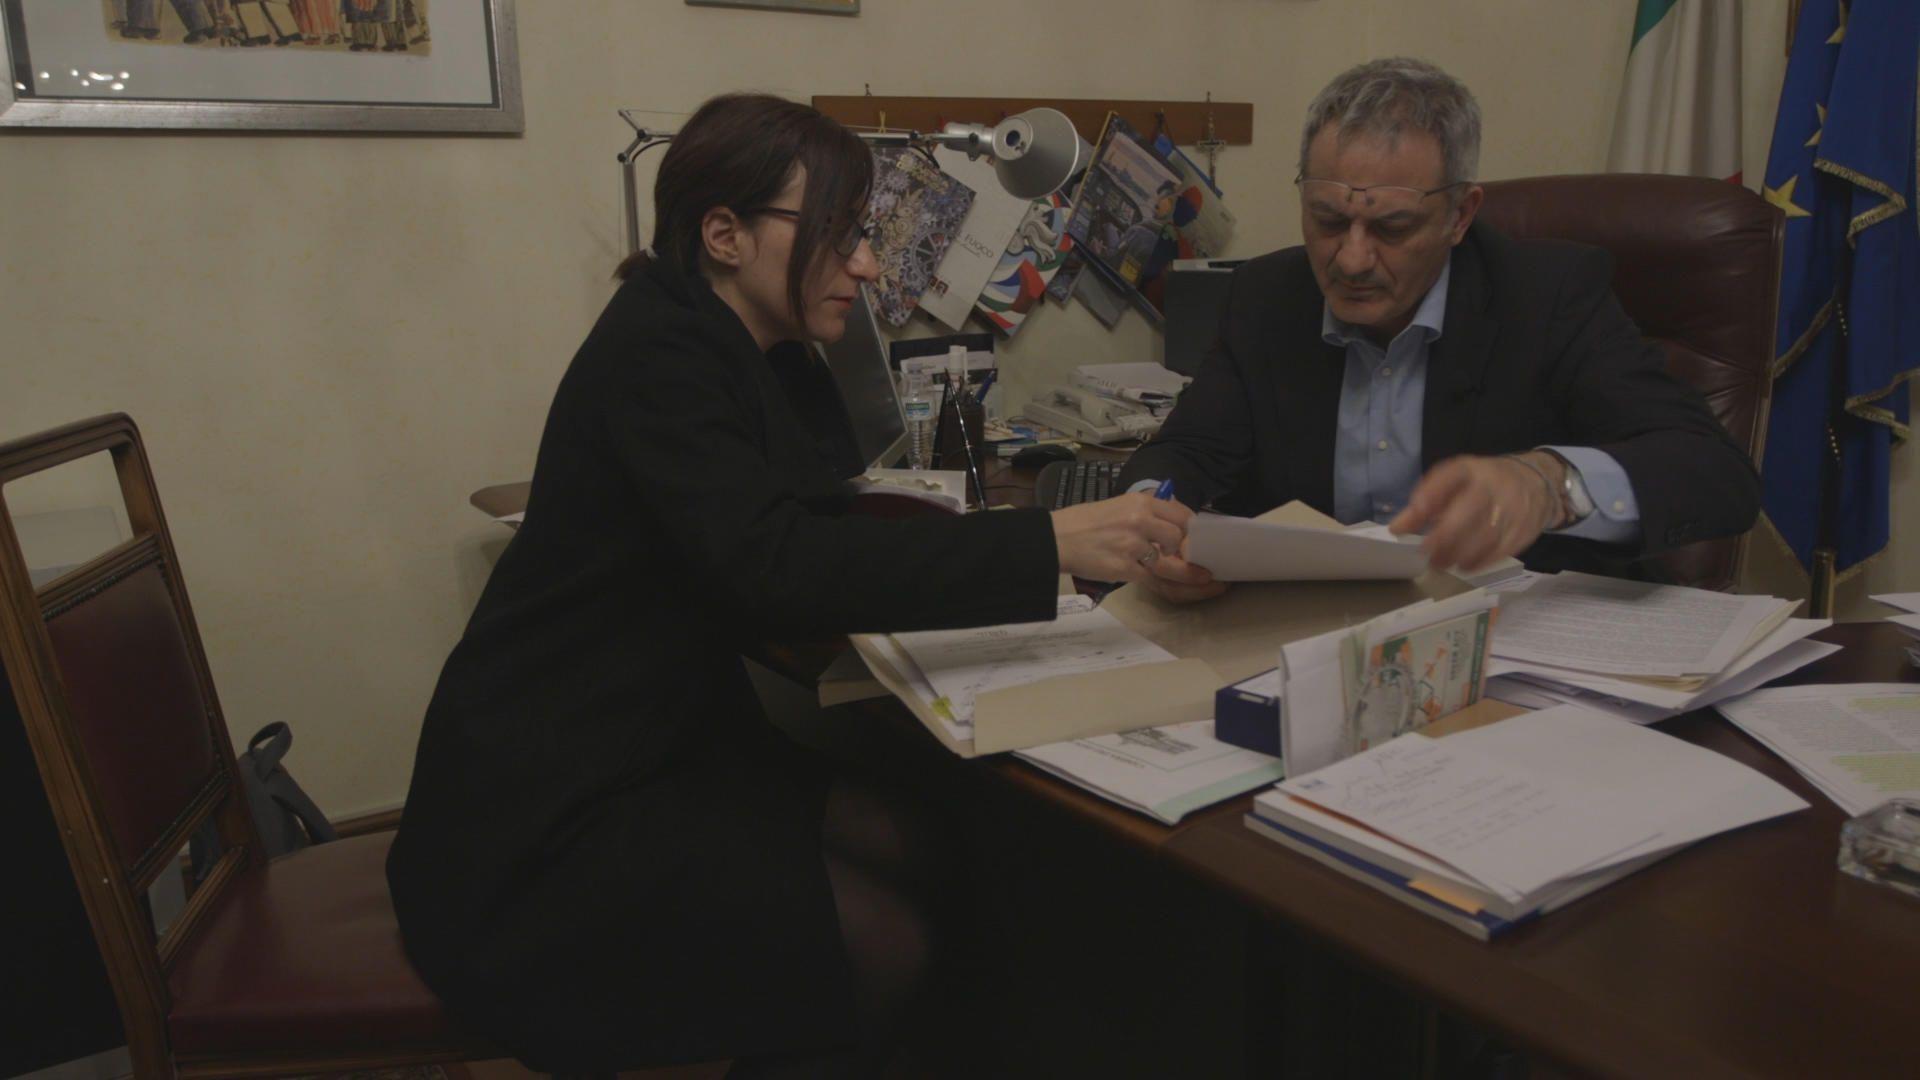 Η Αναστασία Μουμτζάκη, senior producer του VICE Greece, συζήτησε με τον αρμόδιο της Ιταλικής βουλής κάποια από τα στοιχεία που εντοπίζονται σχετικά με την Ελλάδα, για το θέμα της παράνομης διακίνησης αποβλήτων στη Μεσόγειο.